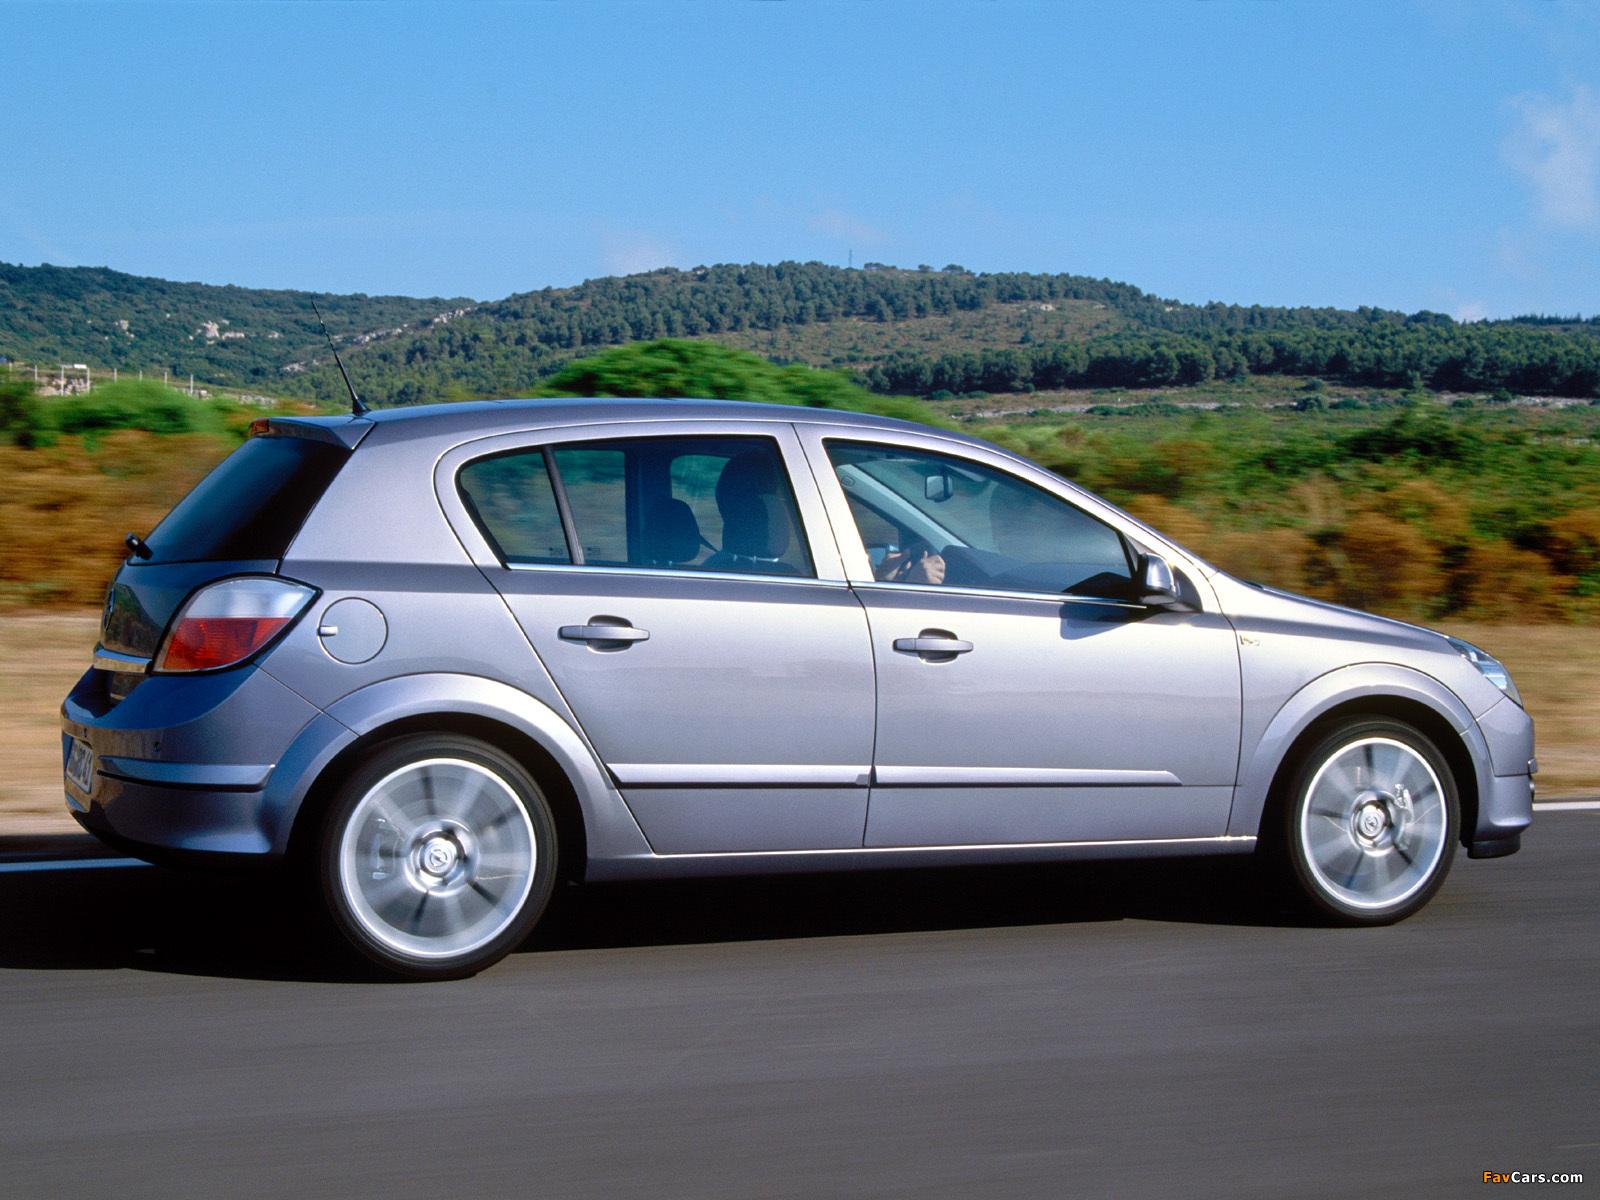 ... Buick Encore Crossover Begets Opel Mokka Geneva Auto Show Car 340x180